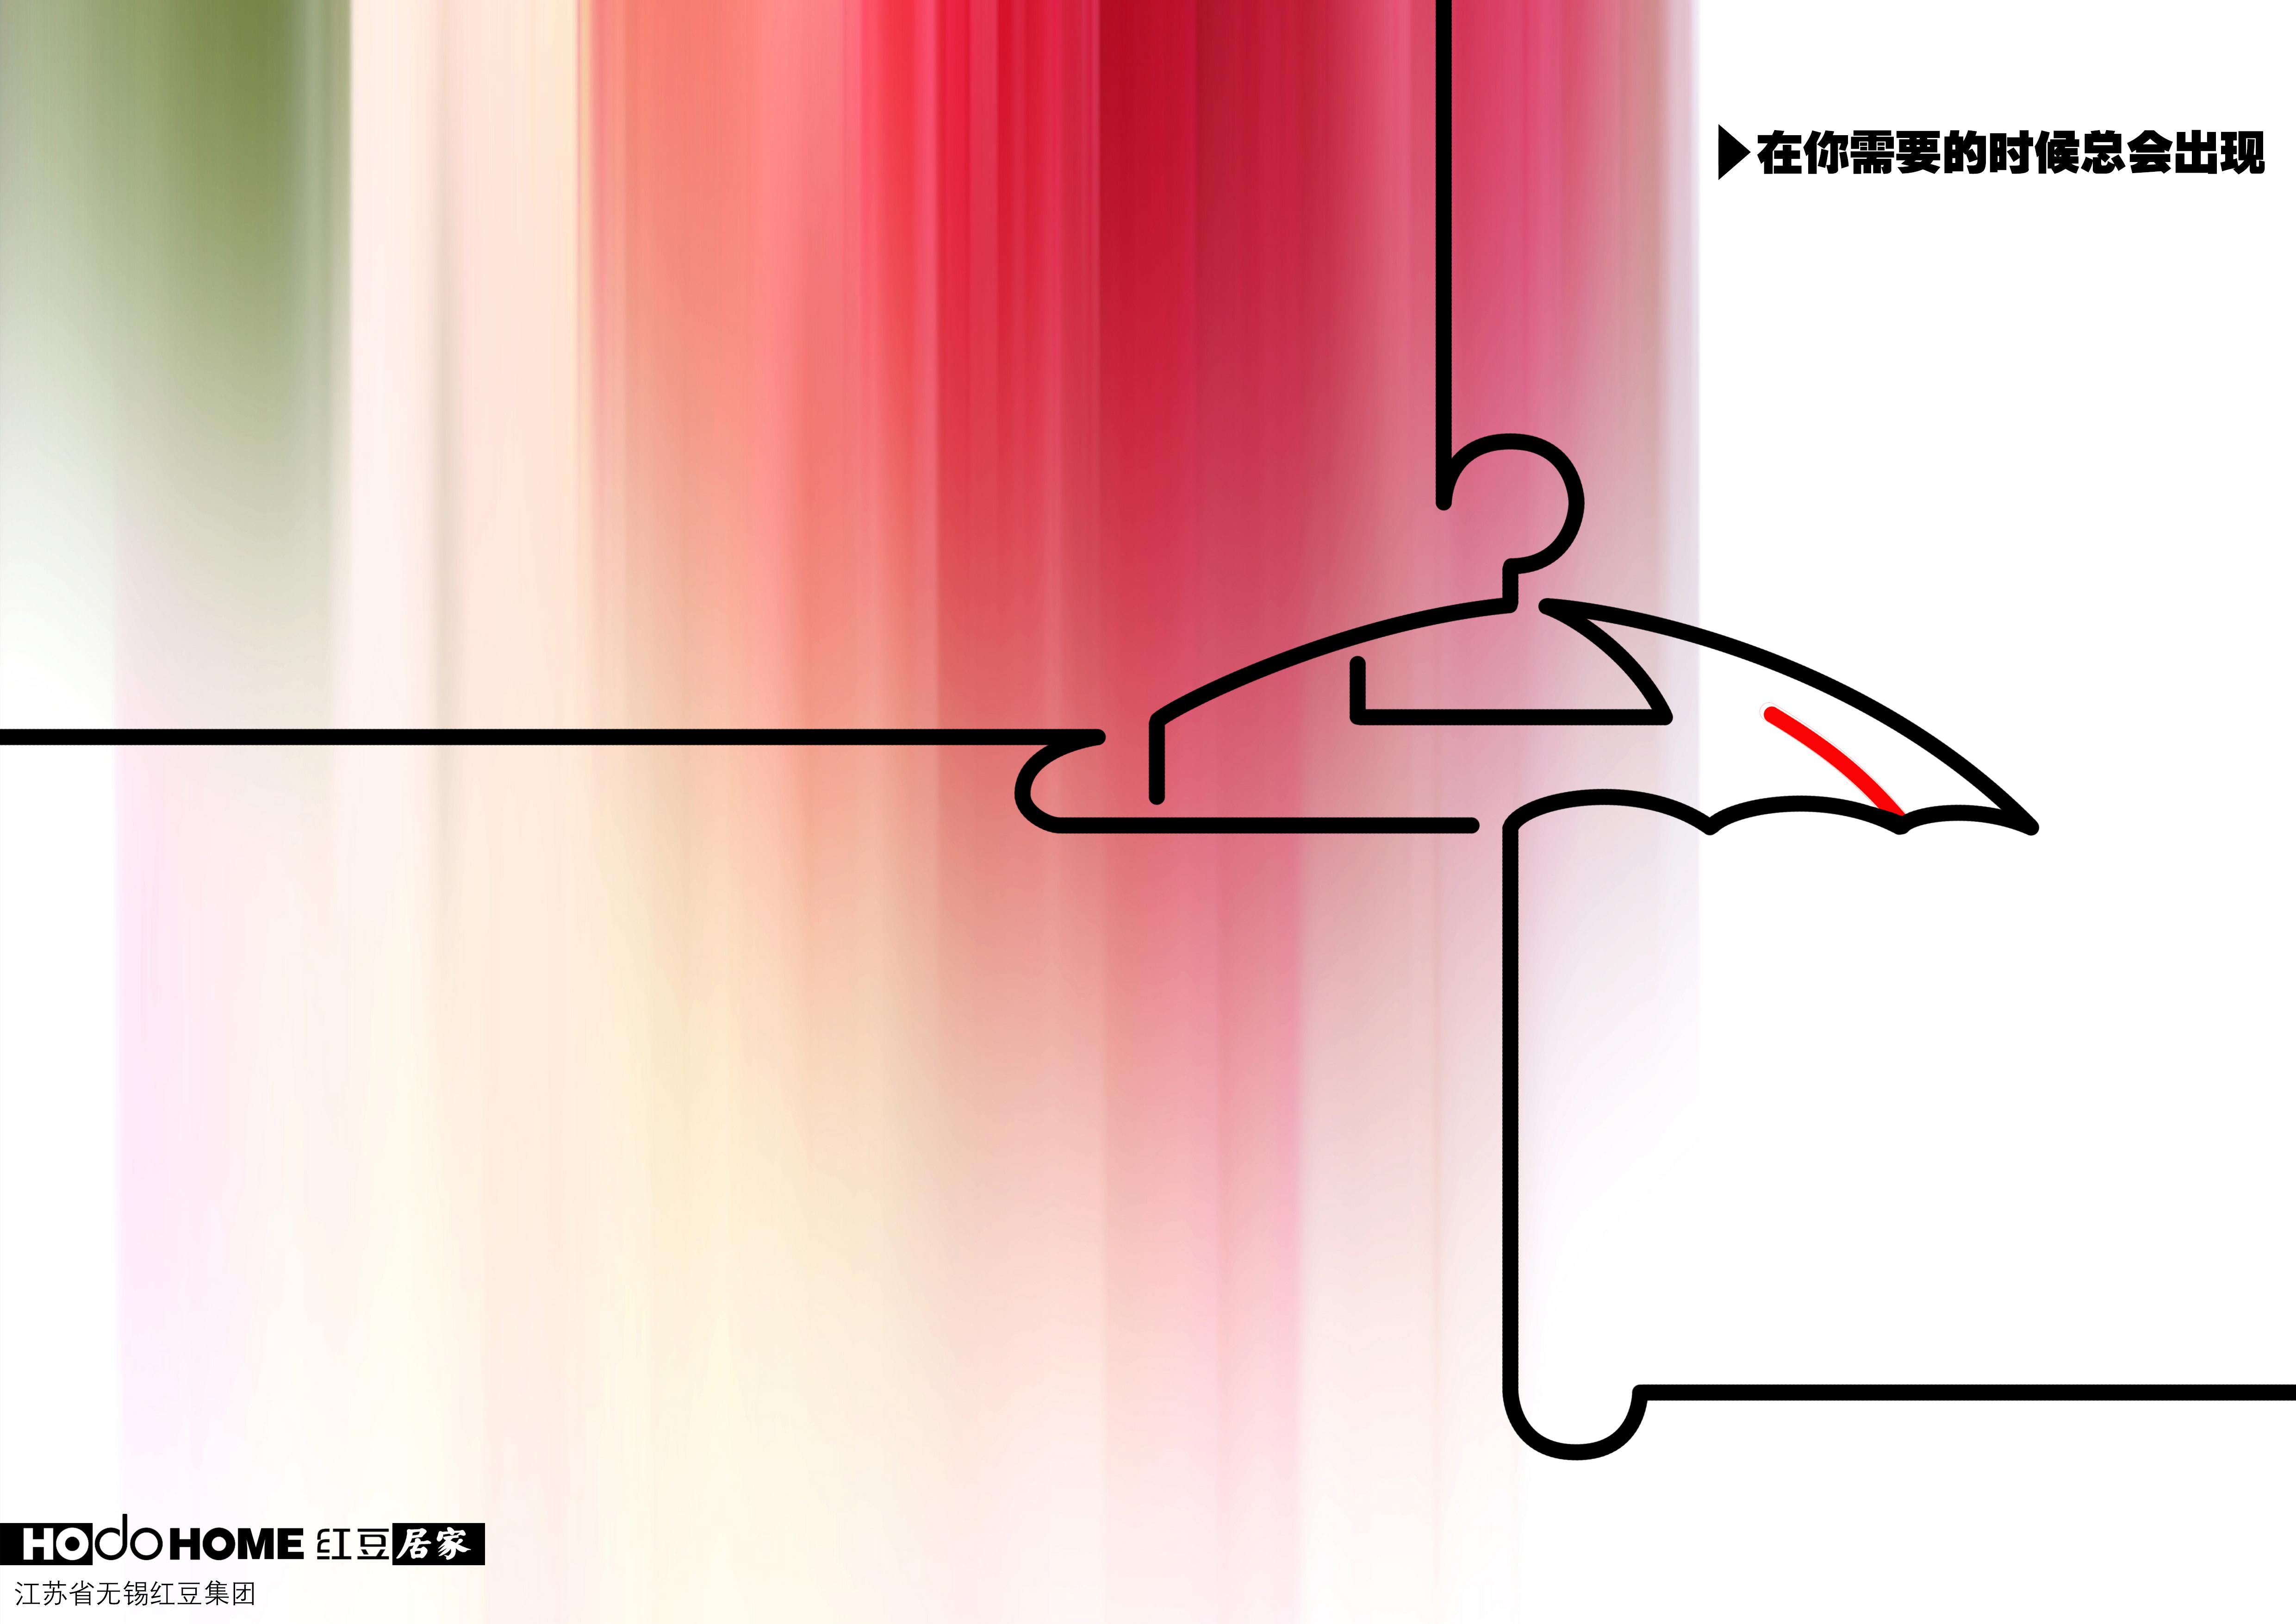 线条设计 抽象线条 红豆居家 平面 海报 240977614图片